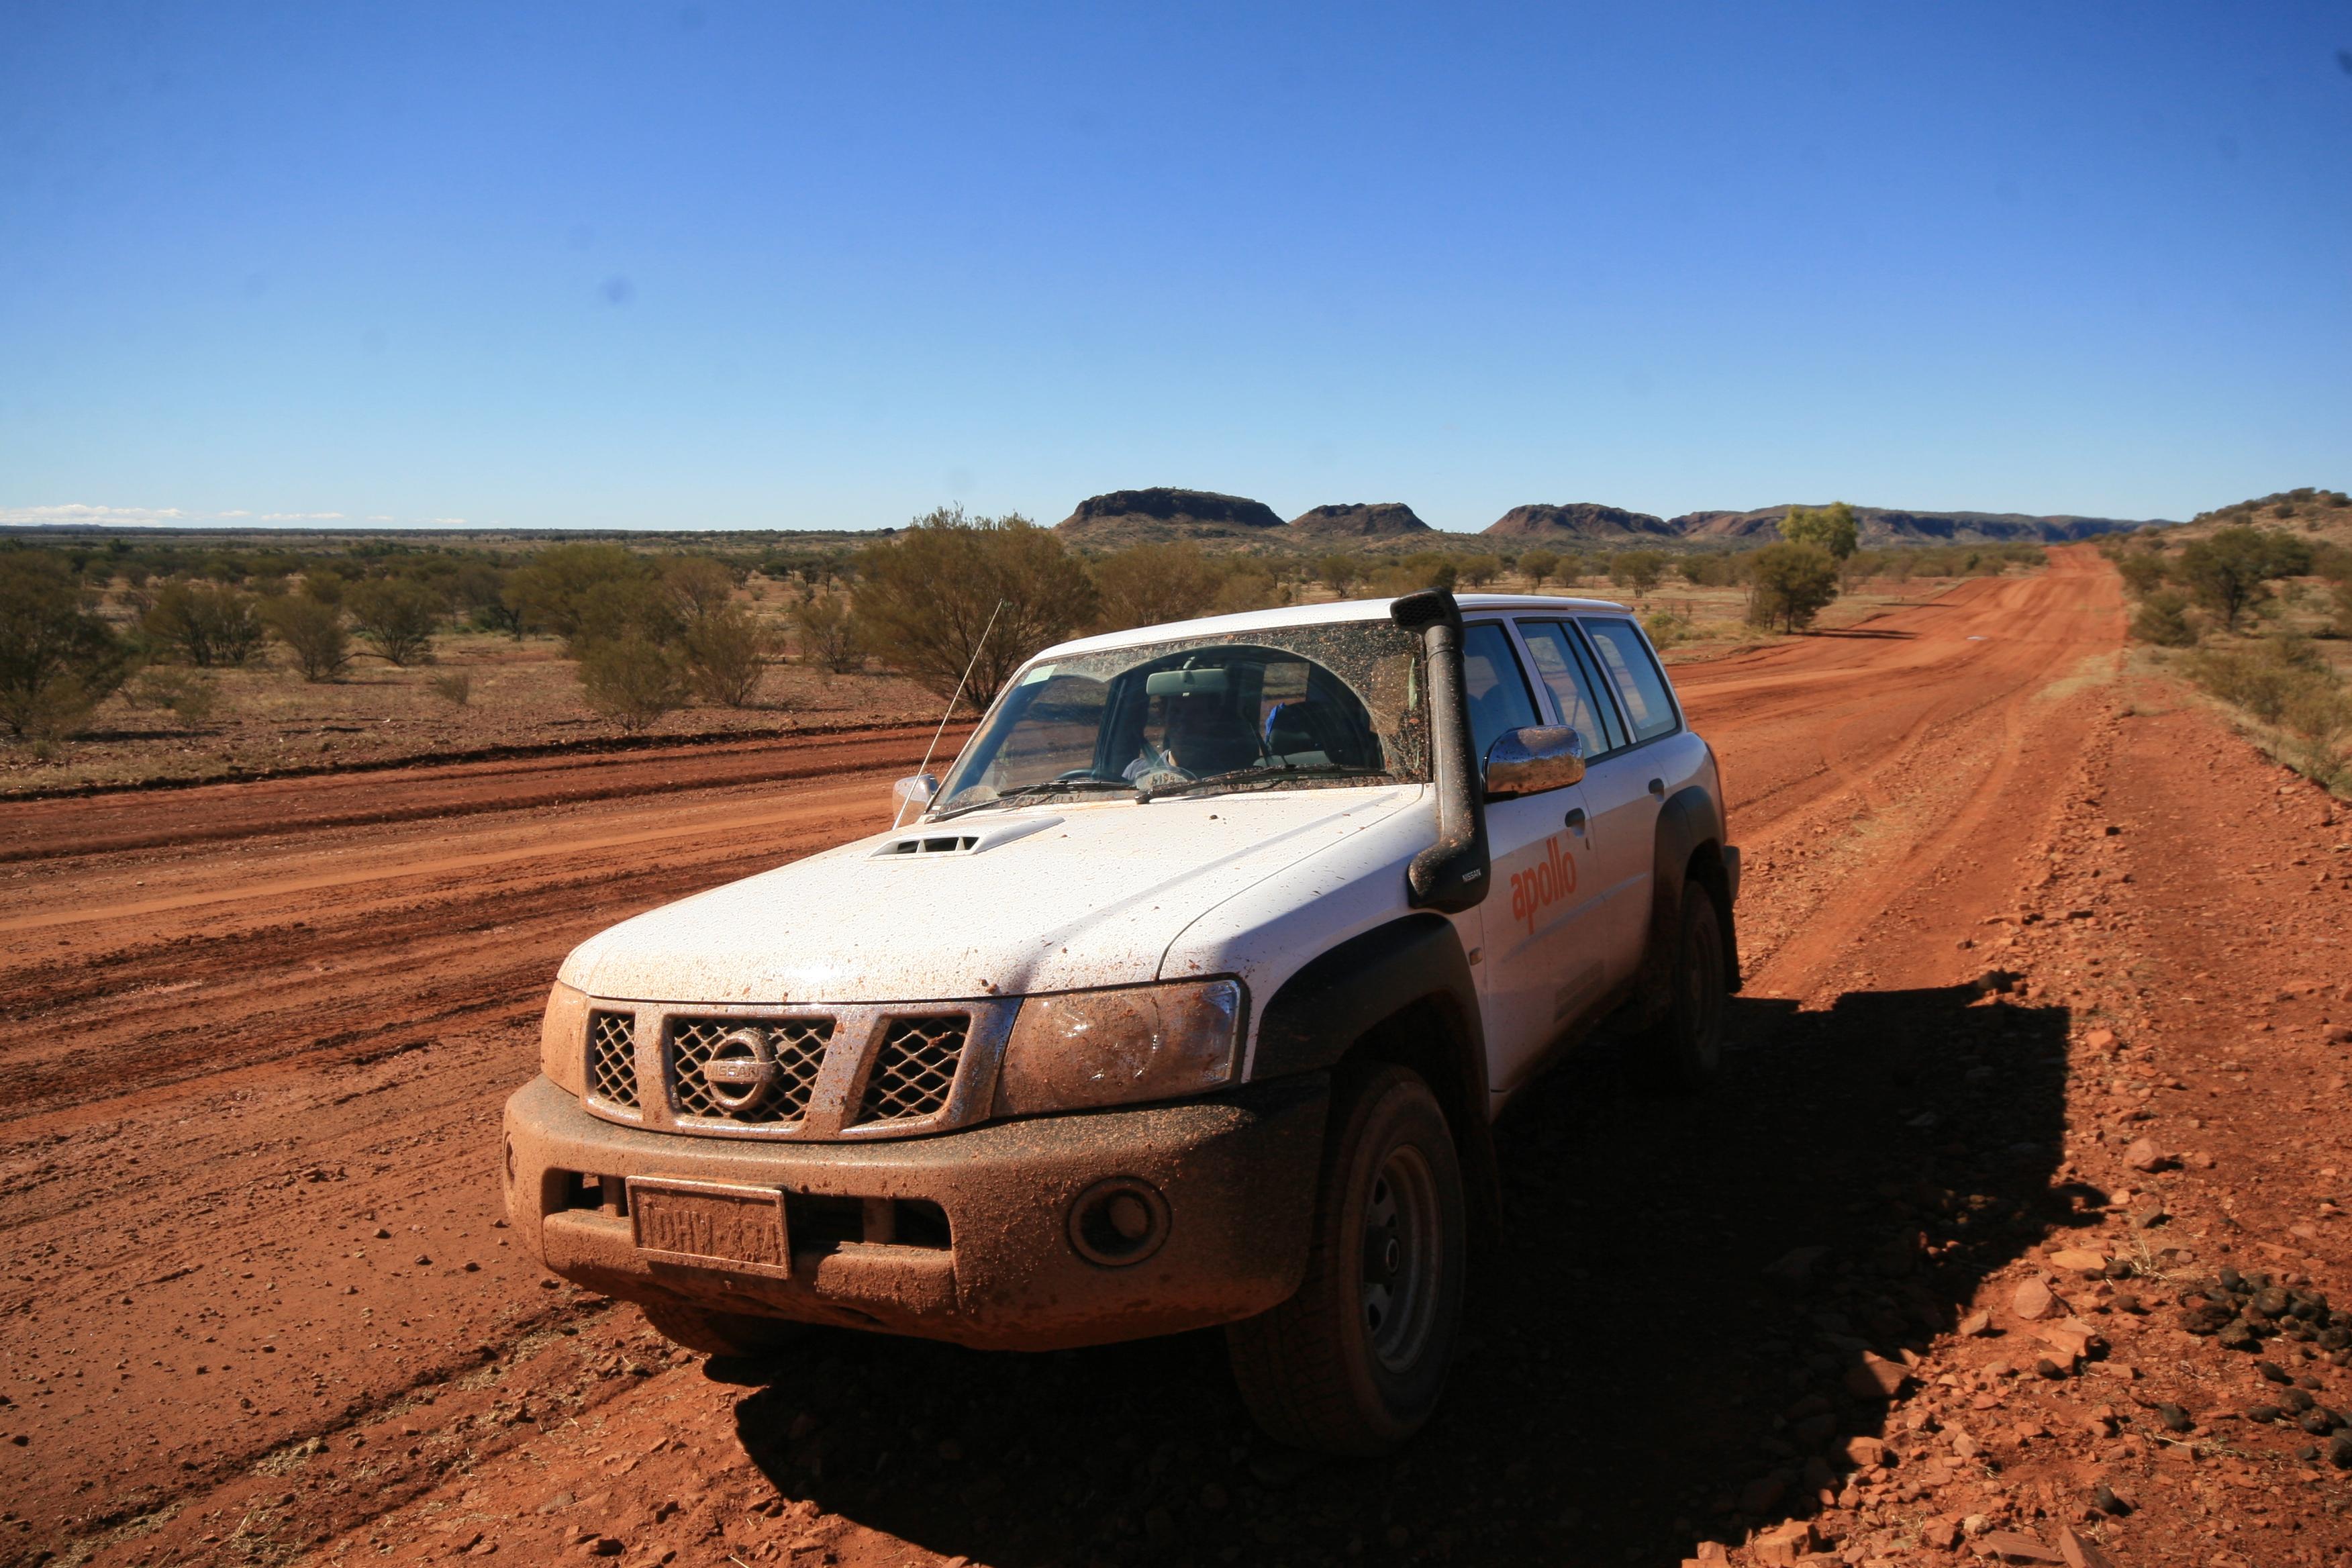 Driving from Alice Springs to Uluru via the Mereenie Loop